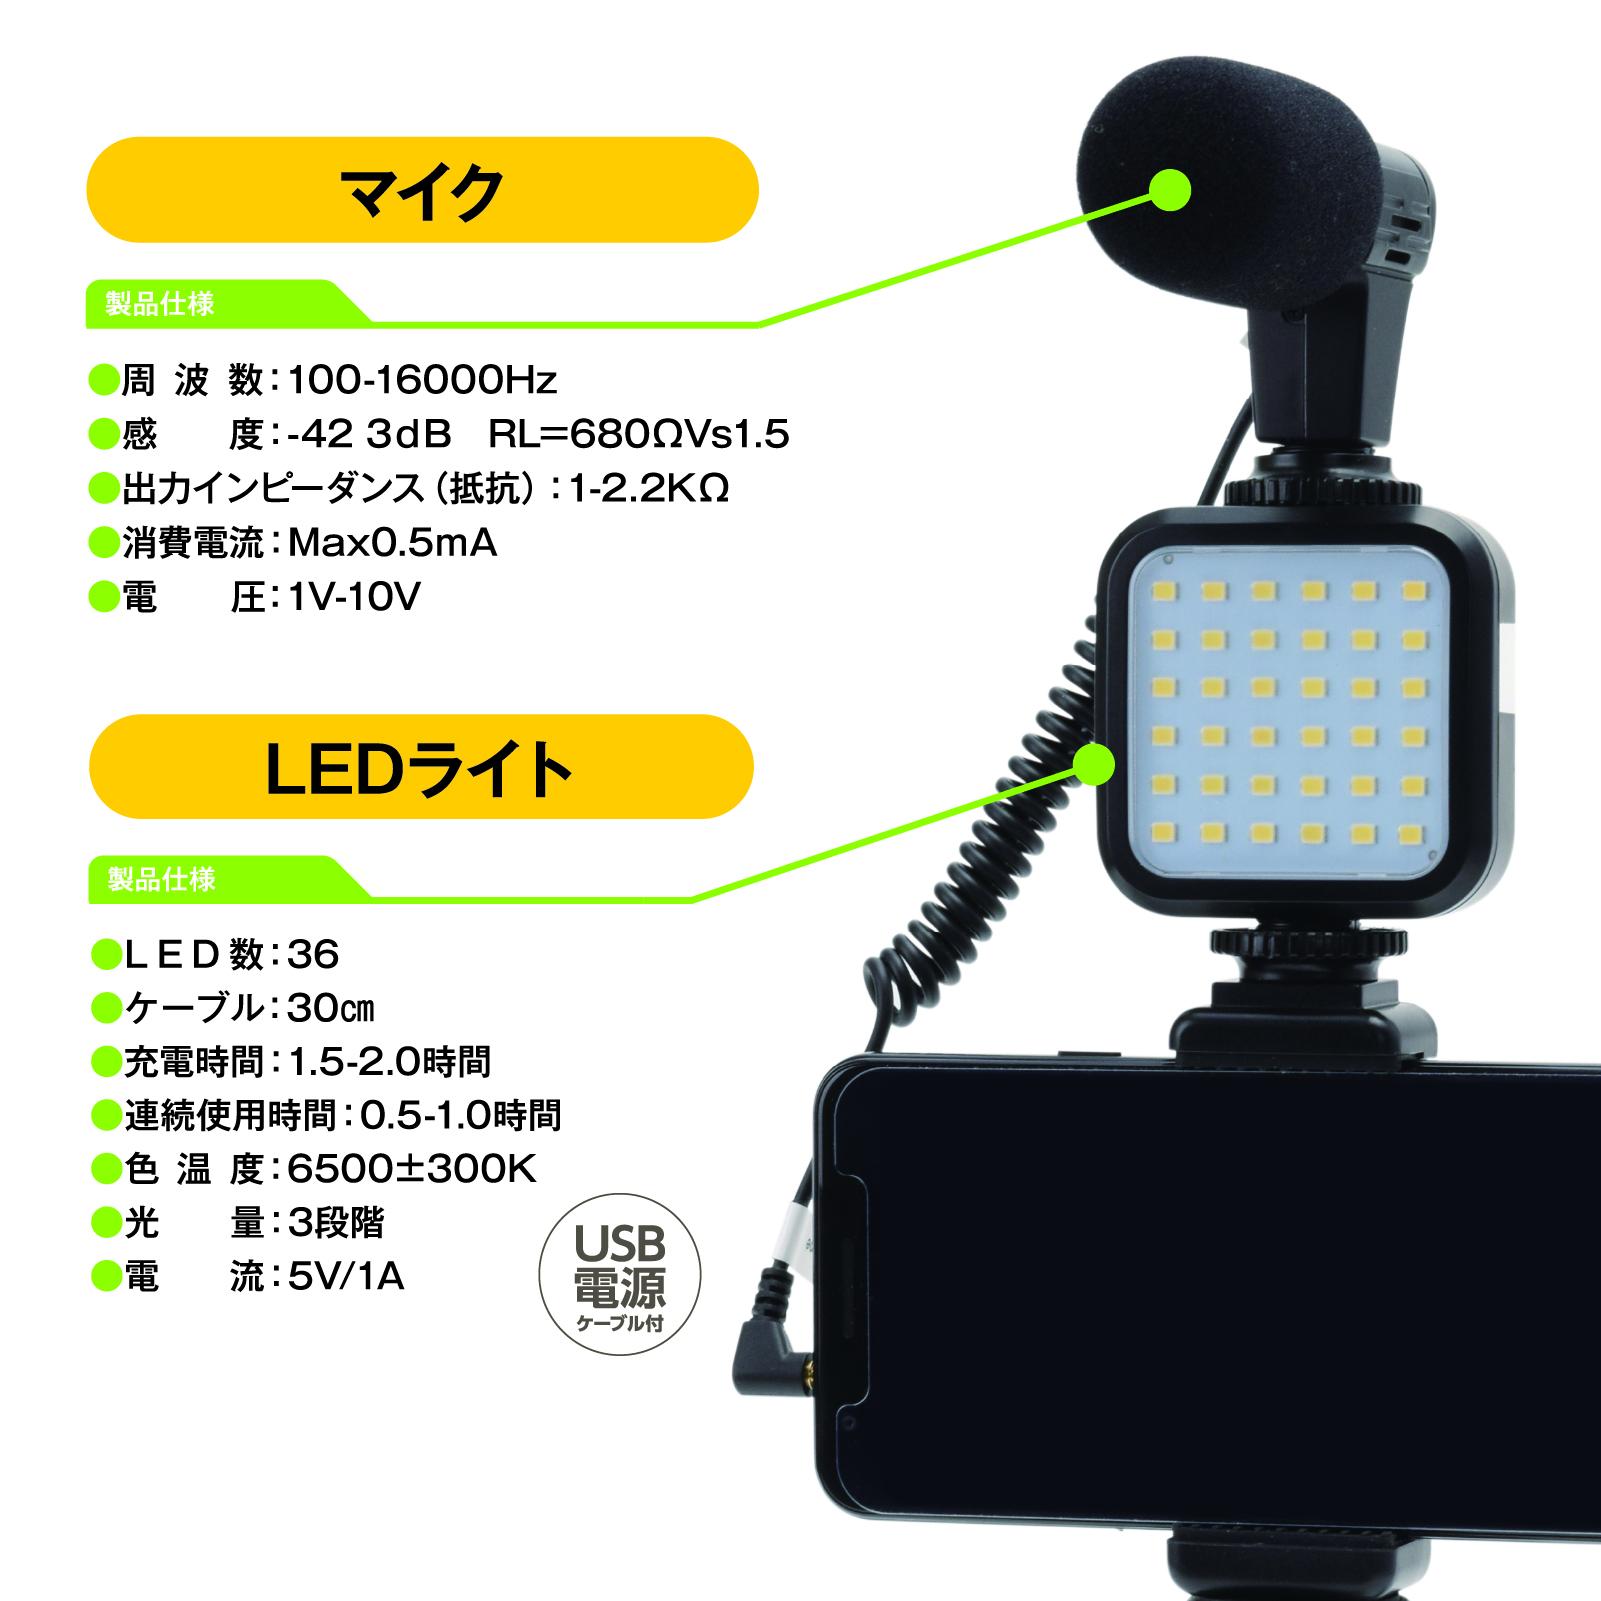 マイク・LEDライト